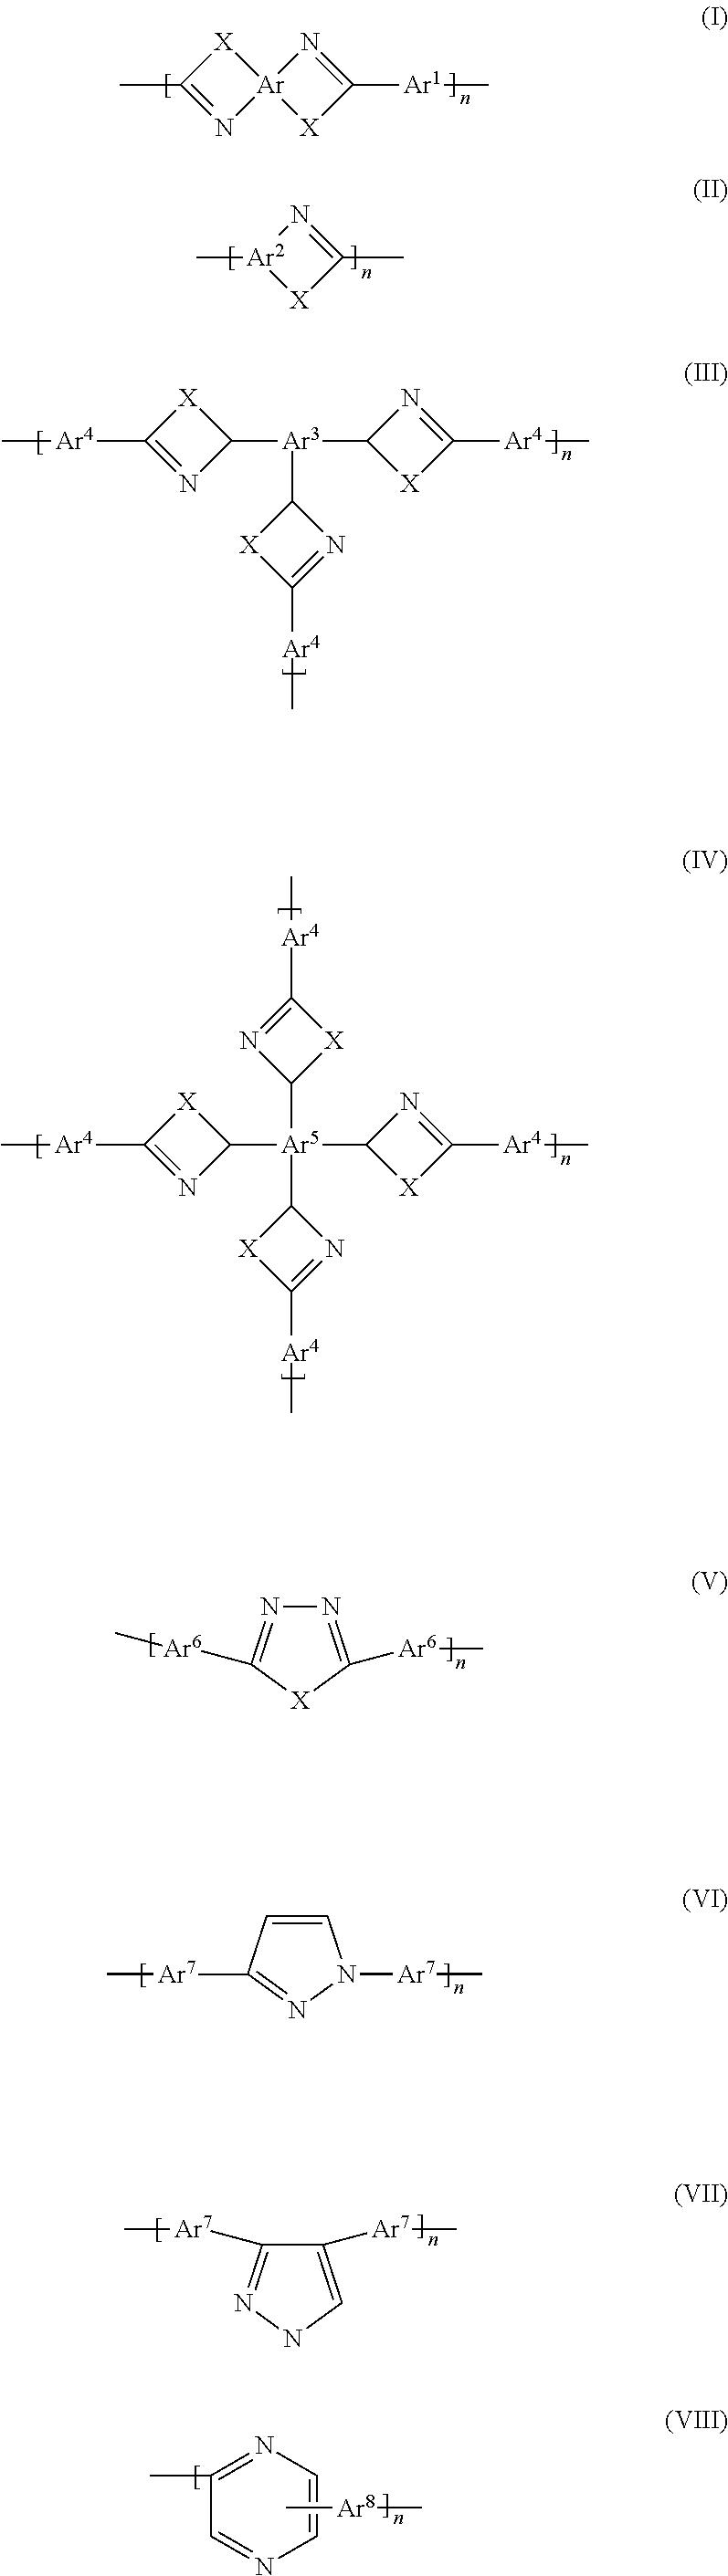 Figure US20110081591A1-20110407-C00001